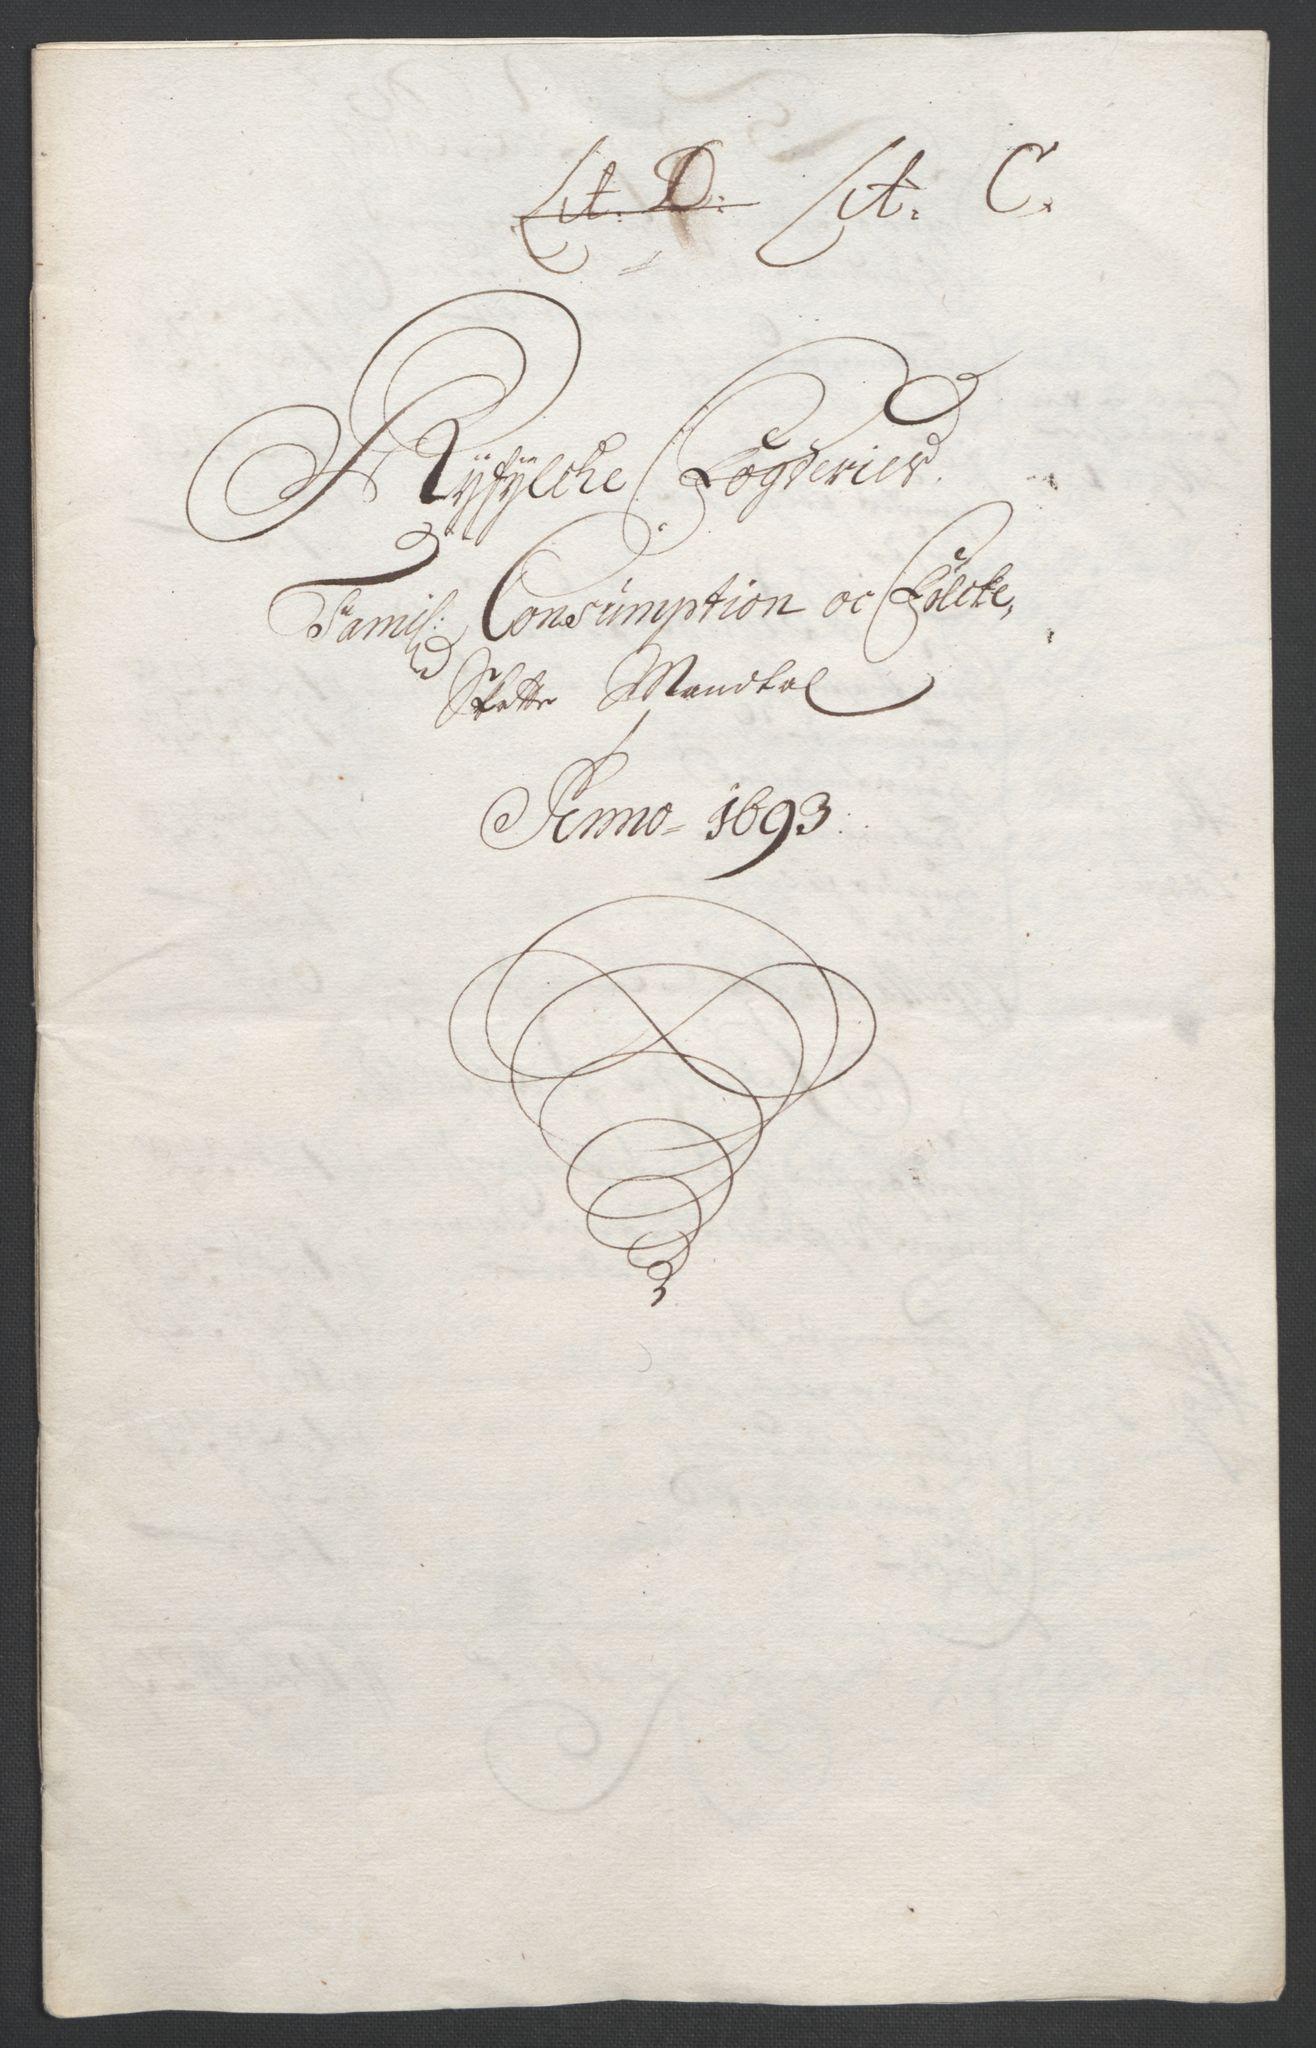 RA, Rentekammeret inntil 1814, Reviderte regnskaper, Fogderegnskap, R47/L2856: Fogderegnskap Ryfylke, 1689-1693, s. 611